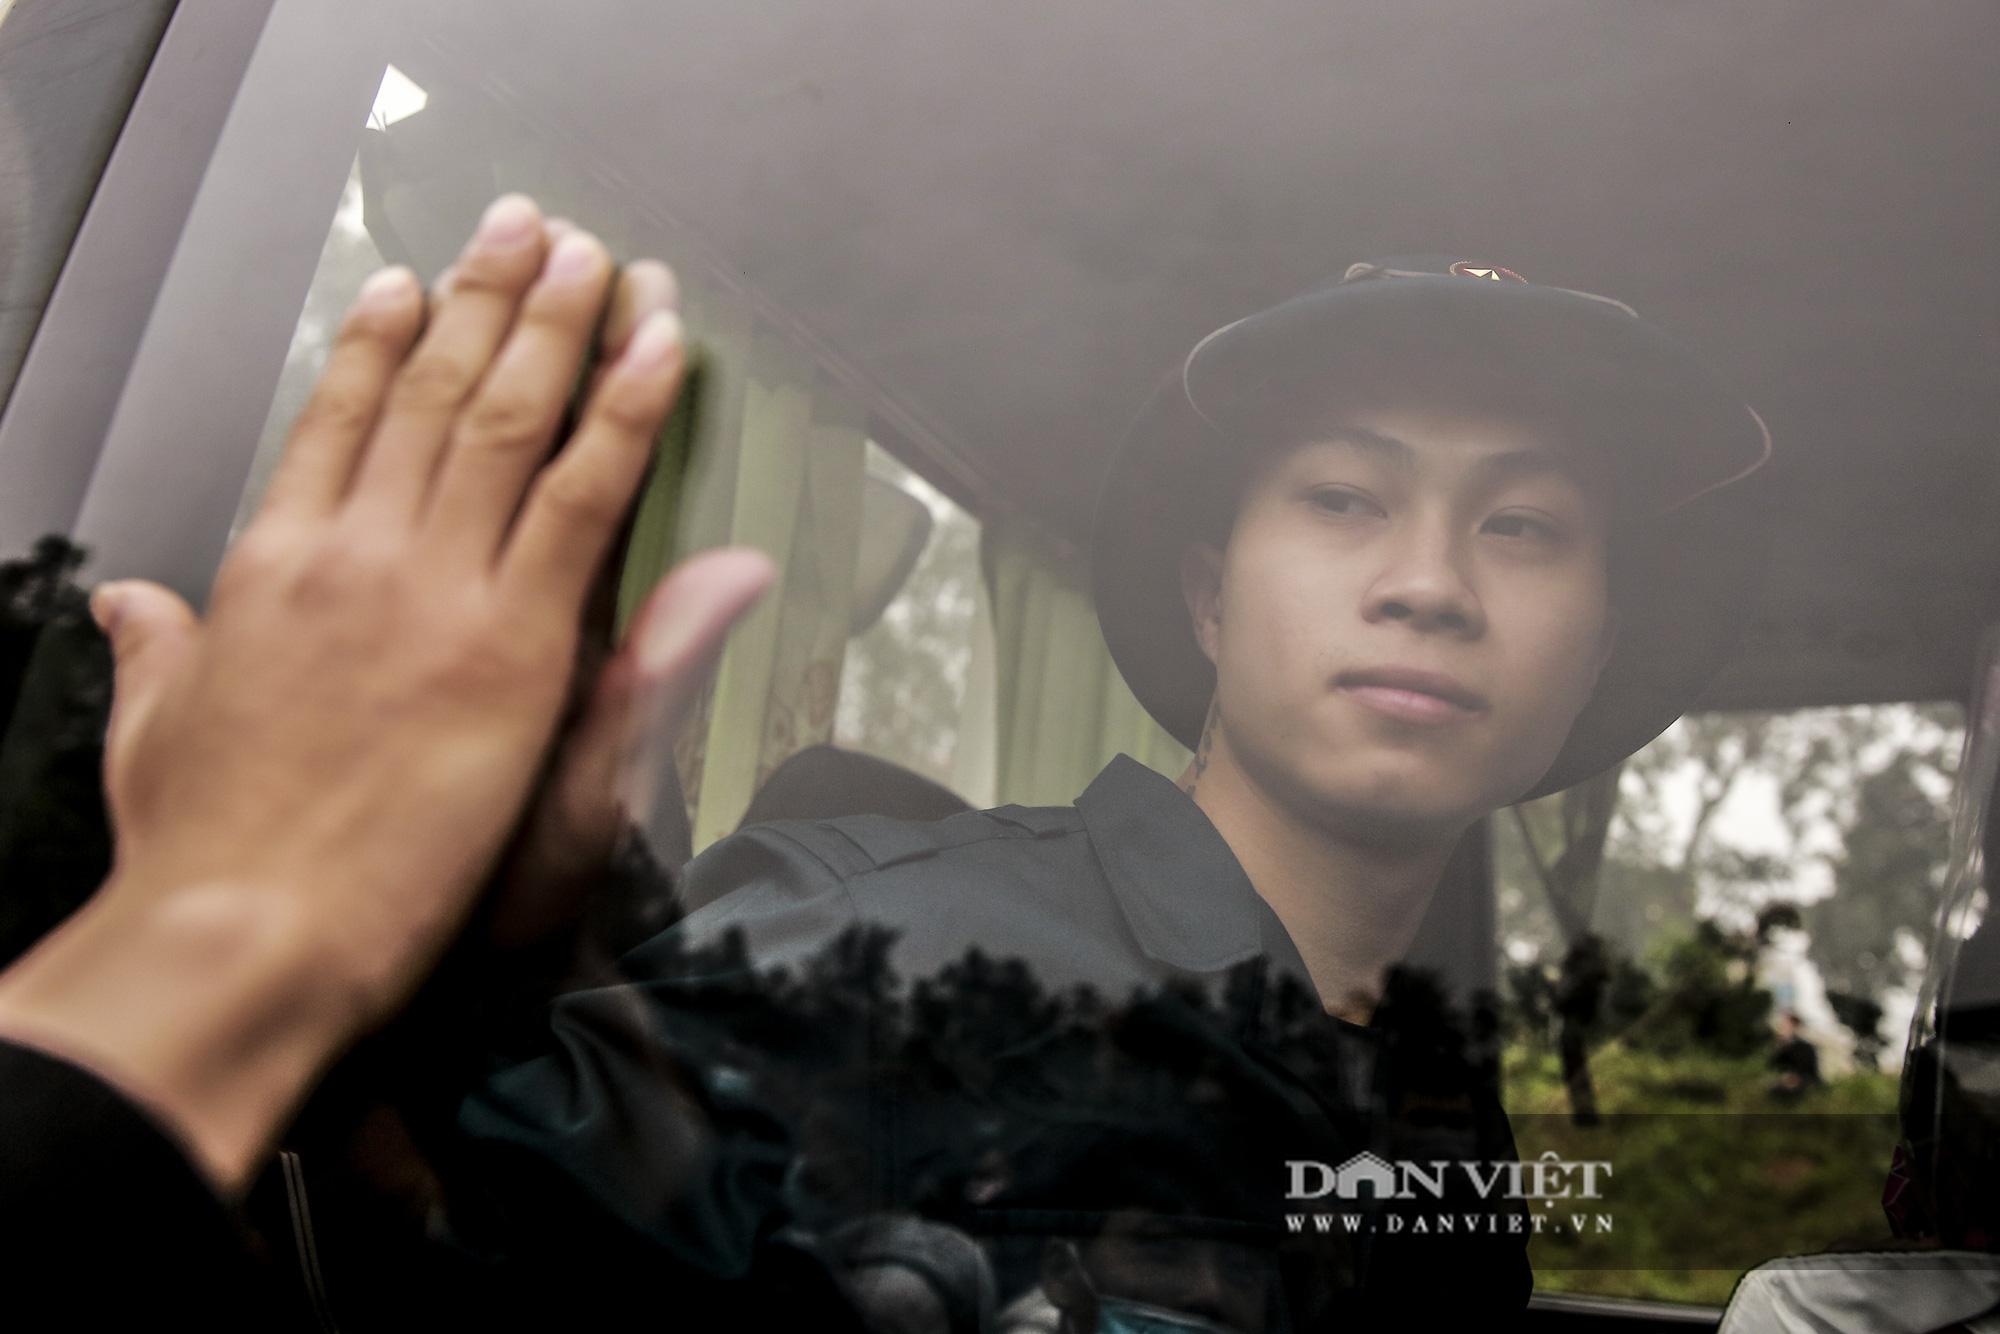 Khoảnh khắc xúc động ngày thanh niên Hà Nội lên đường thực hiện nghĩa vụ quân sự - Ảnh 8.